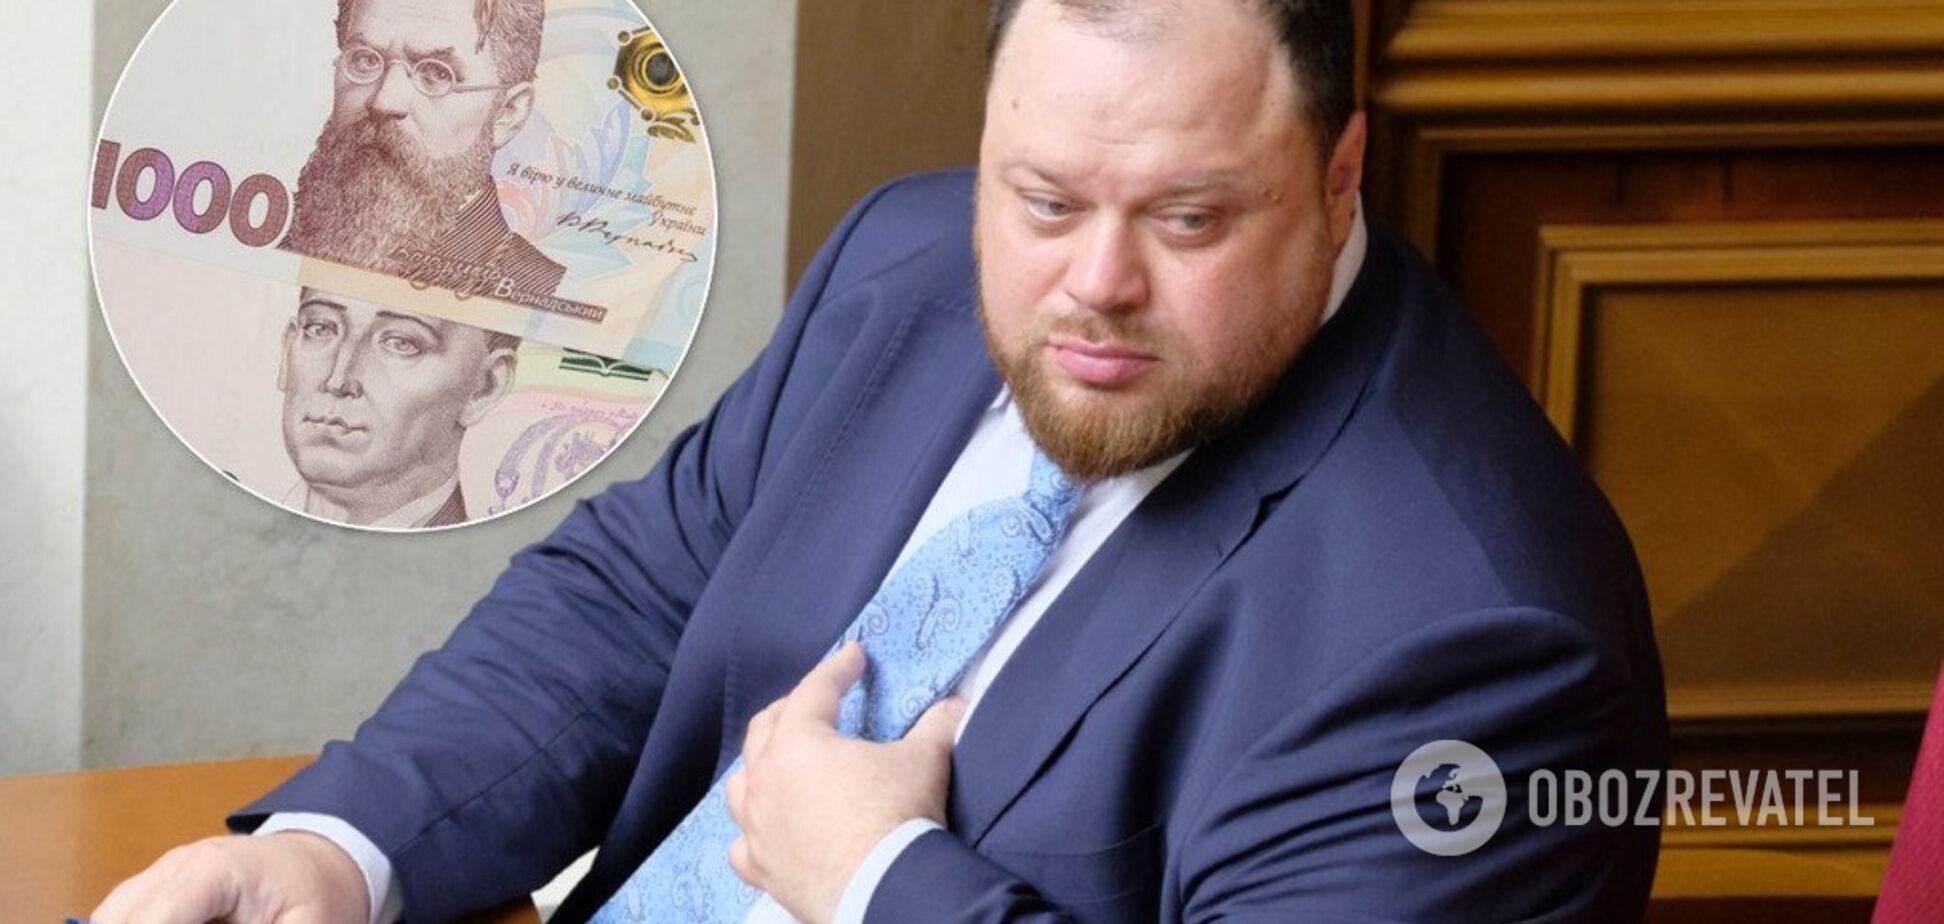 Стефанчук вліз у скандал із квартирою тещі: нардеп зважився на неприємний крок